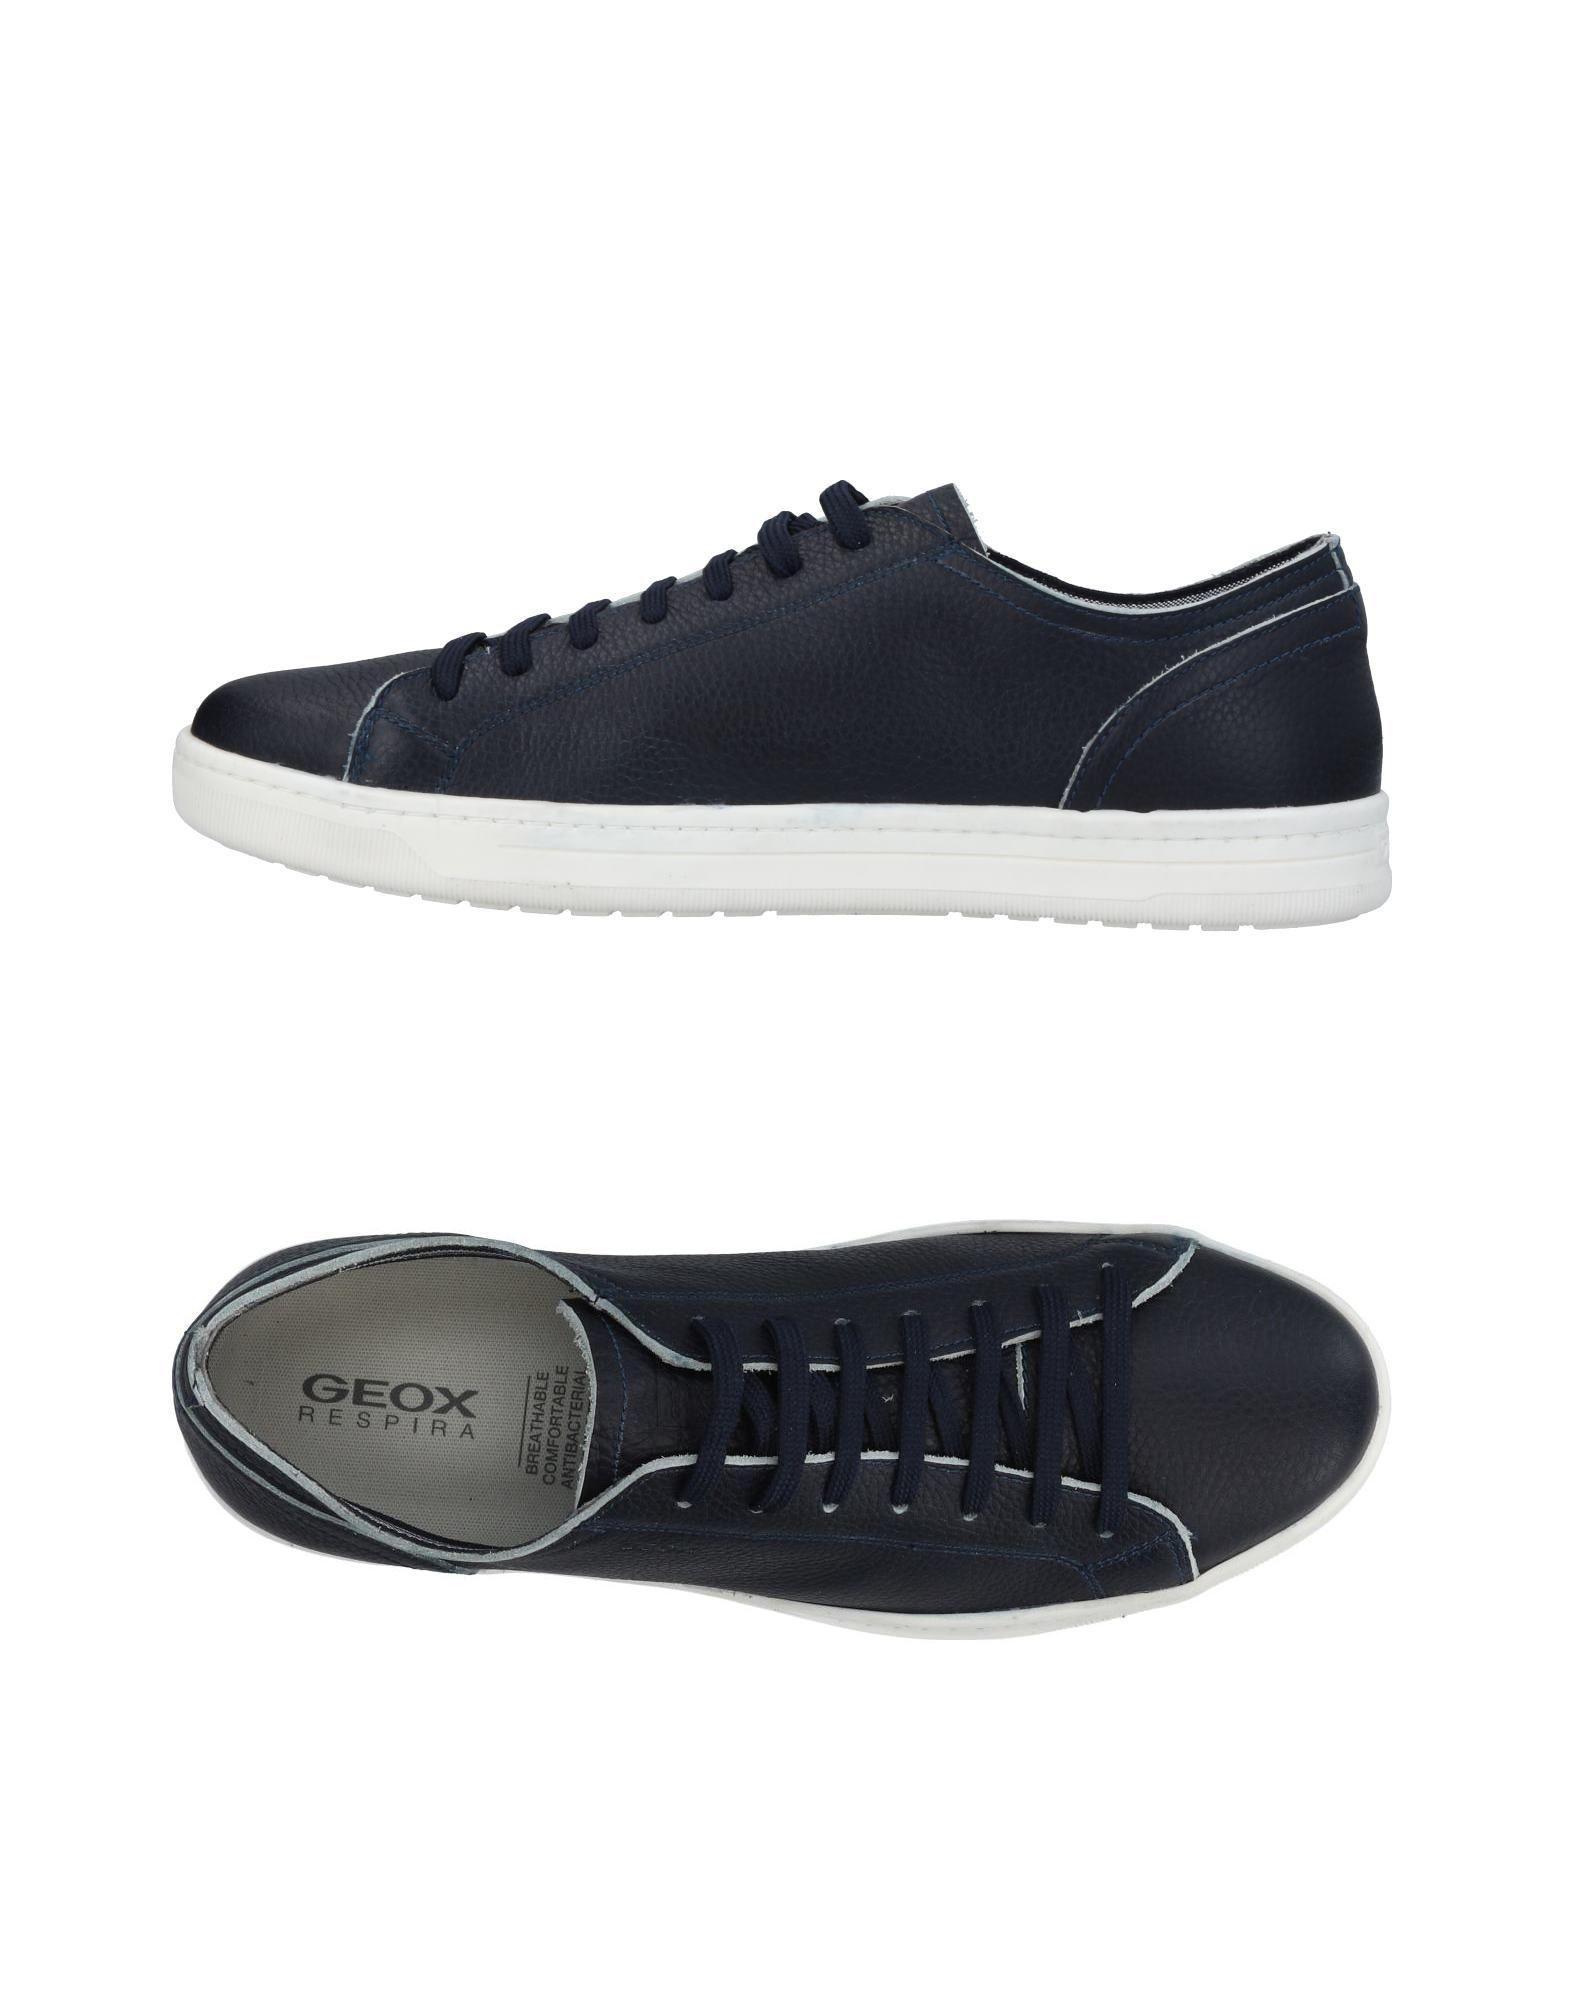 Sneakers Geox Homme - Sneakers Geox  Bleu foncé Les chaussures les plus populaires pour les hommes et les femmes